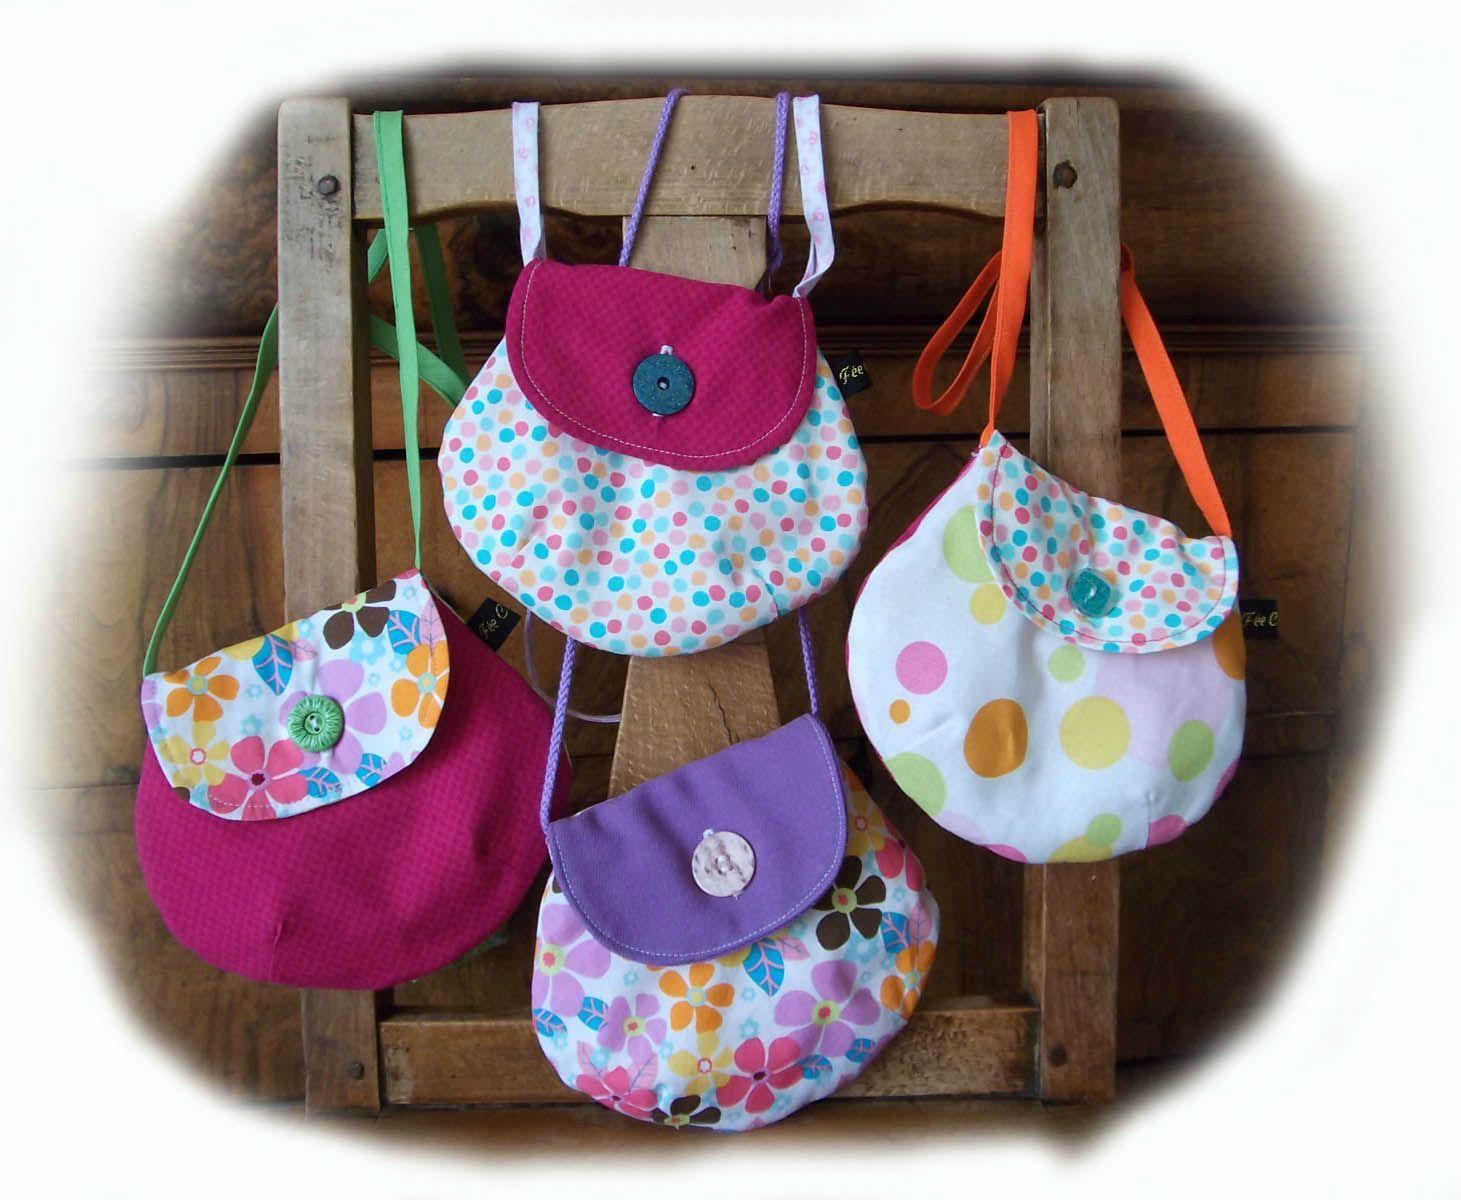 Mini sac a main projet faire pinterest patron couture gratuit patron et sac - Couture sac a main ...